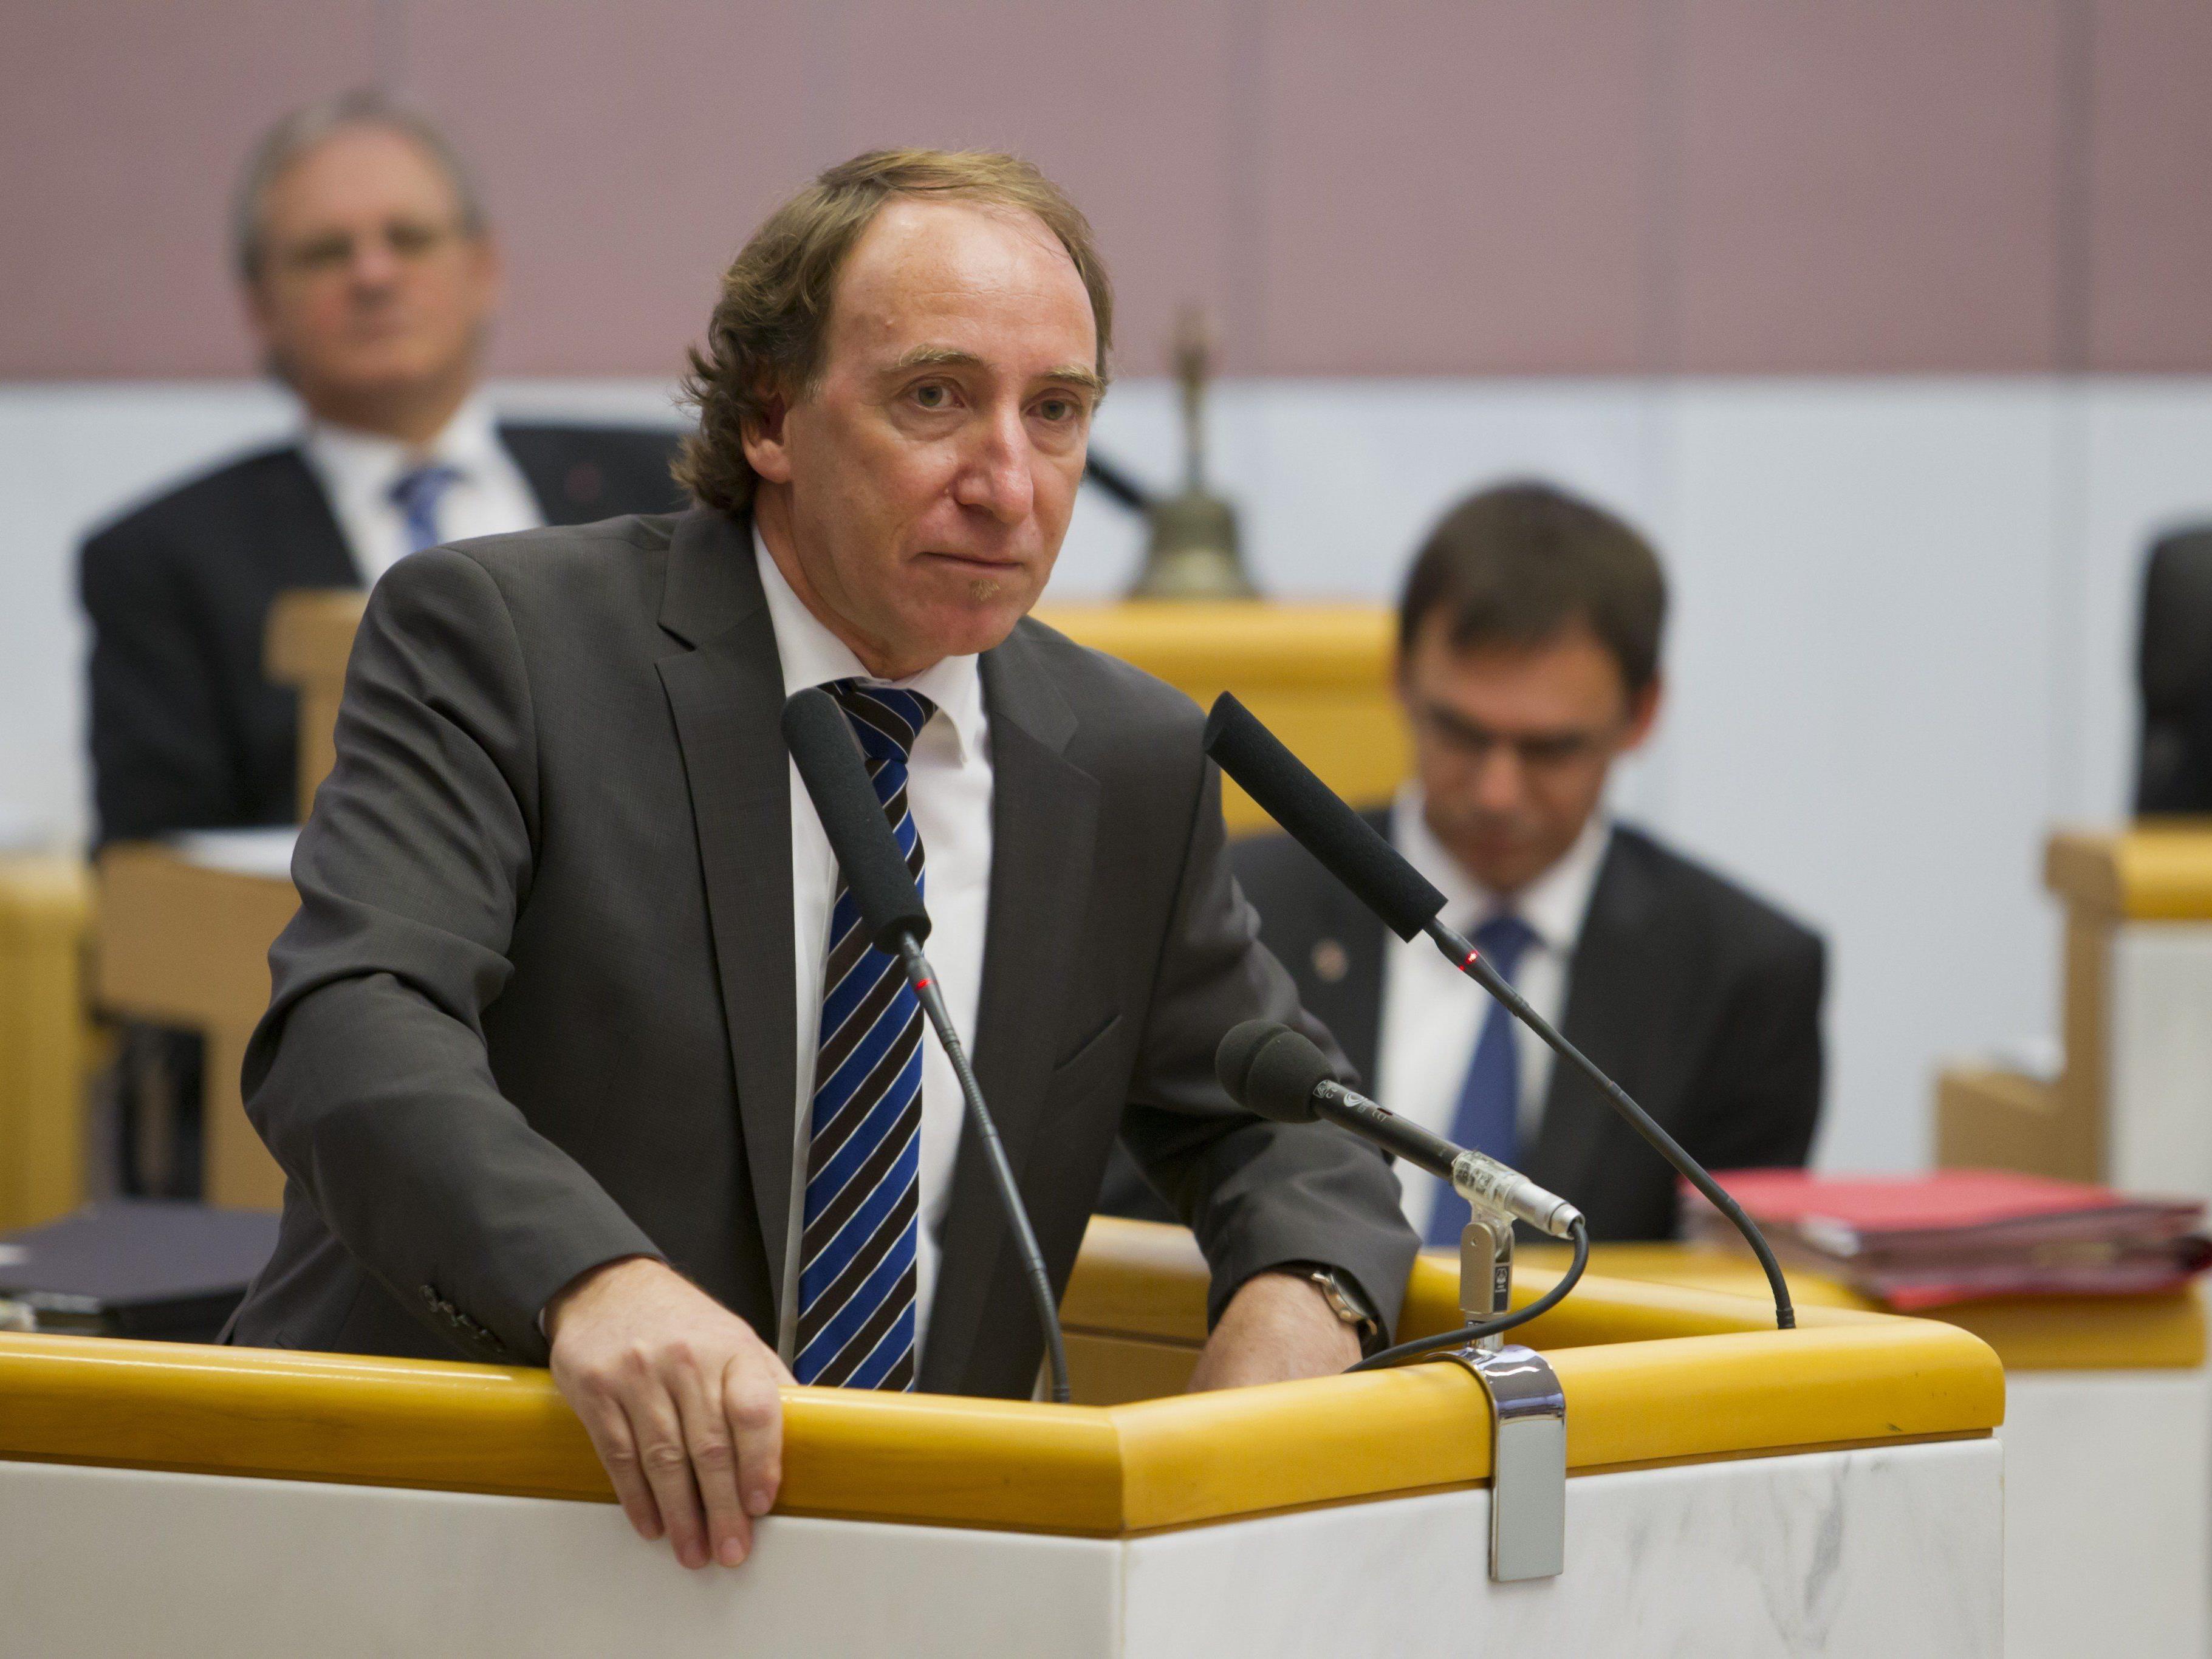 Johannes Rauch plant schon für die Landtagswahl 2019.